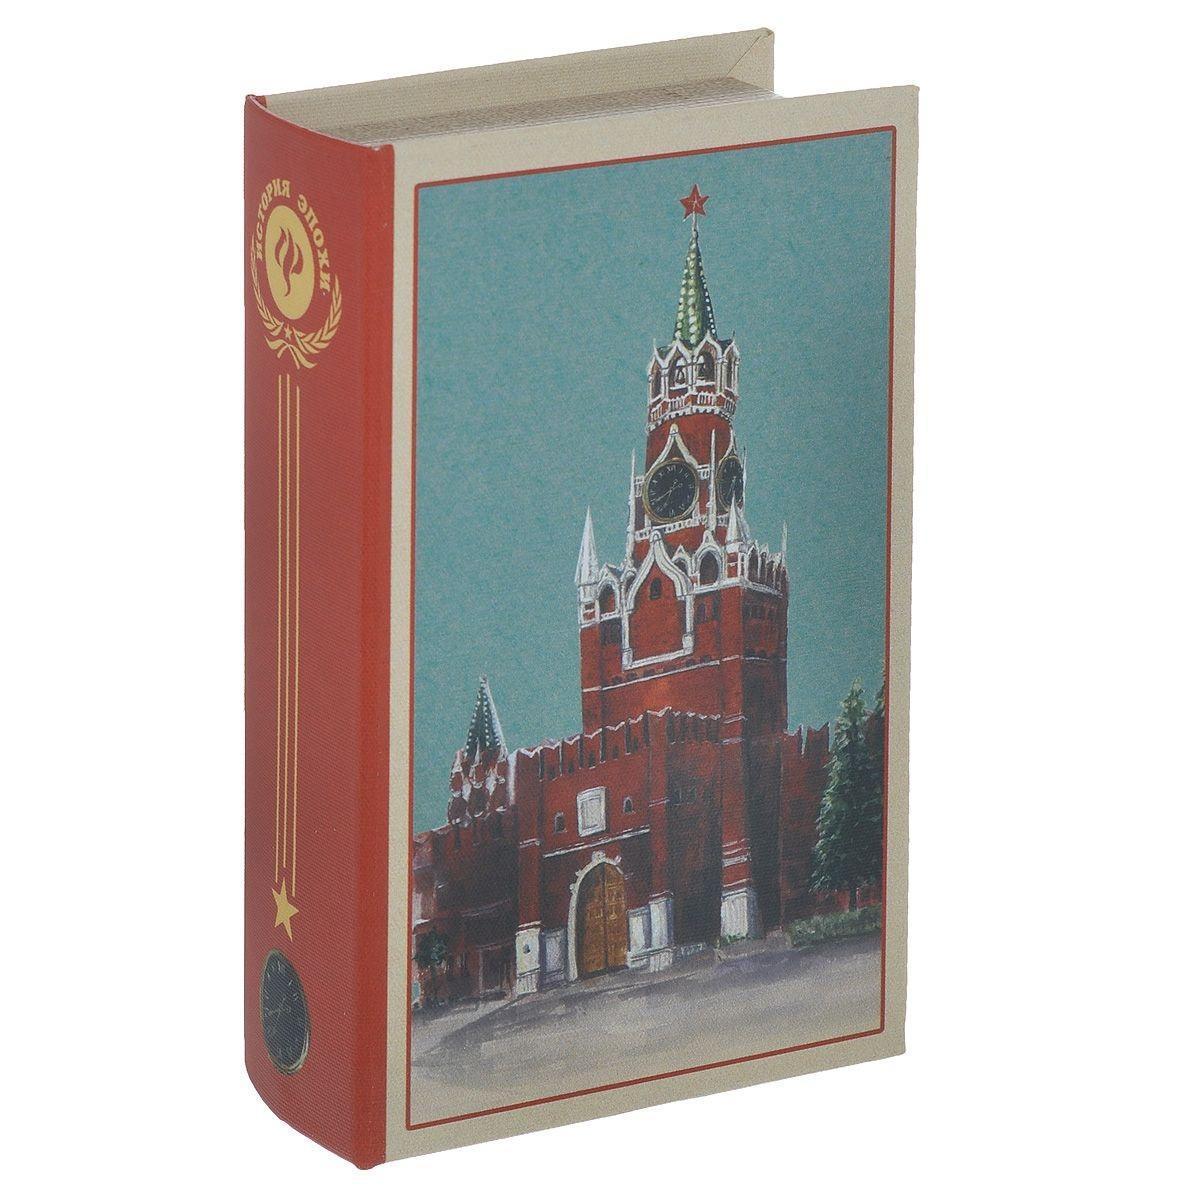 Шкатулка декоративная Кремль, 17 х 11 х 5 см37330Яркая декоративная шкатулка Кремль, выполненная из МДФ, не оставит равнодушным ни одного любителя оригинальных вещей. Шкатулка украшена изображением Кремля. Изделие закрывается на магнит. Такая шкатулка украсит интерьер вашей комнаты и станет не только декоративным, но и практичным аксессуаром - ее можно использовать для хранения украшений и мелочей. Шкатулка послужит хорошим подарком для человека, ценящего практичные и оригинальные вещицы.